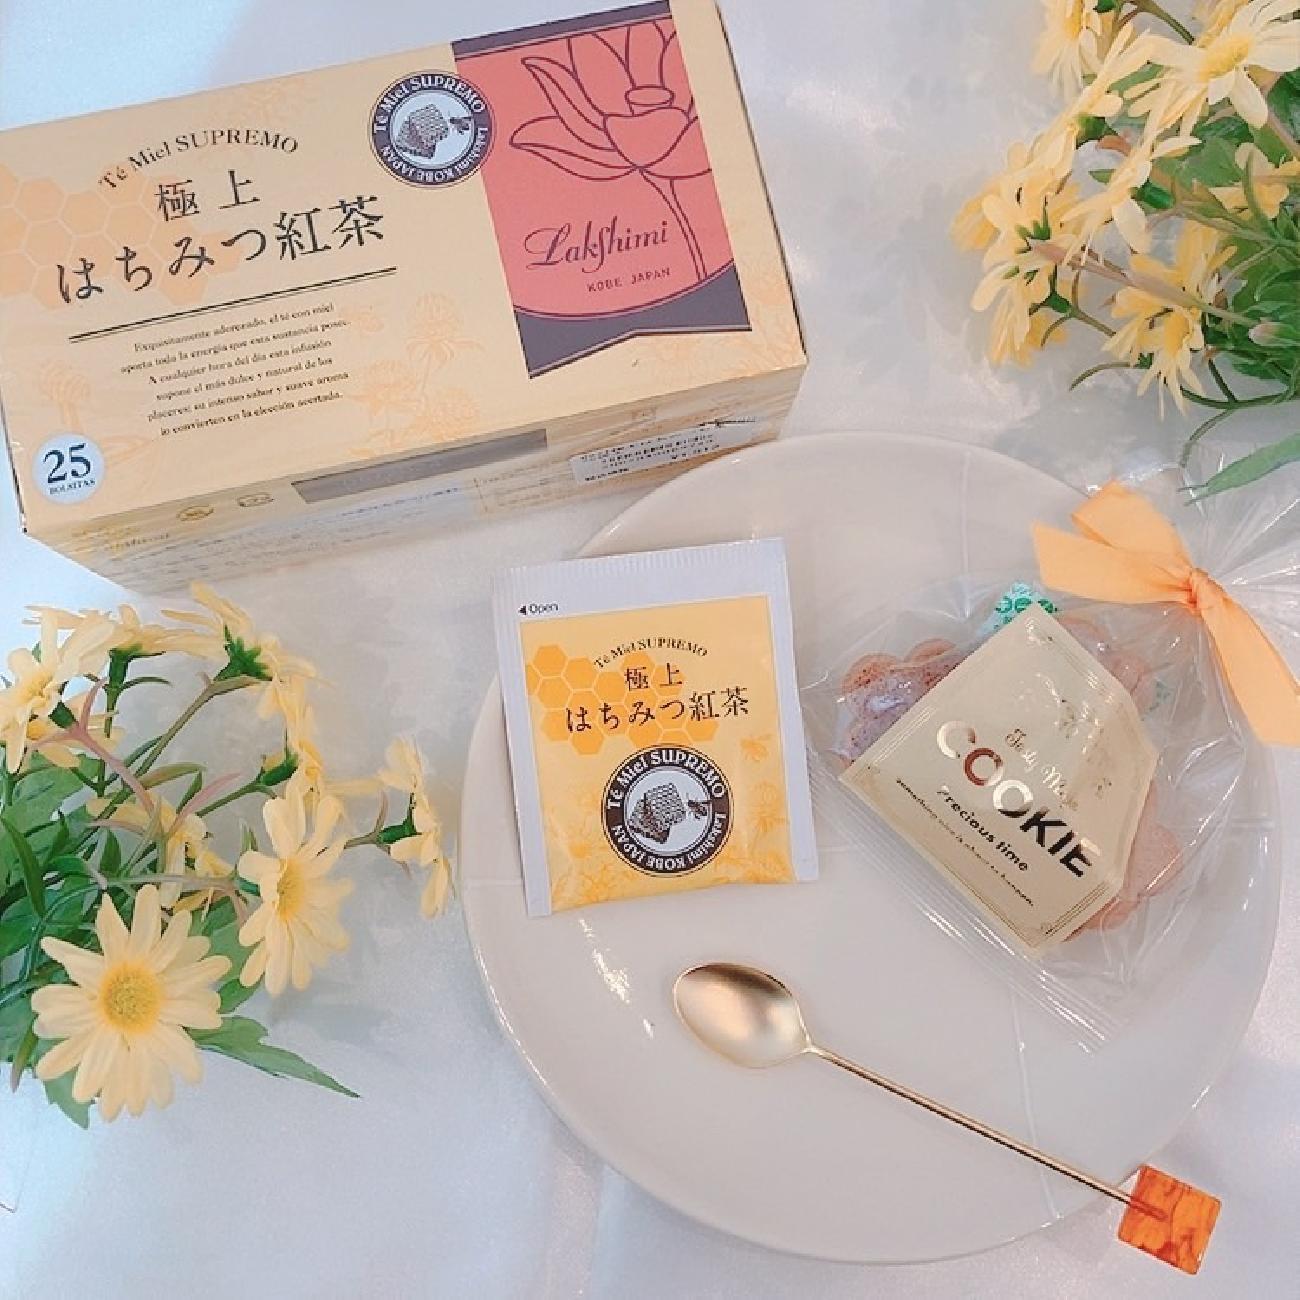 はちみつ紅茶/極上はちみつ紅茶/甘い/おいしい/はまる/はちみつ/紅茶/ティータイム/贅沢/プチ贅沢/癒し/リラックス/ダイエット/低カロリー/いい香り